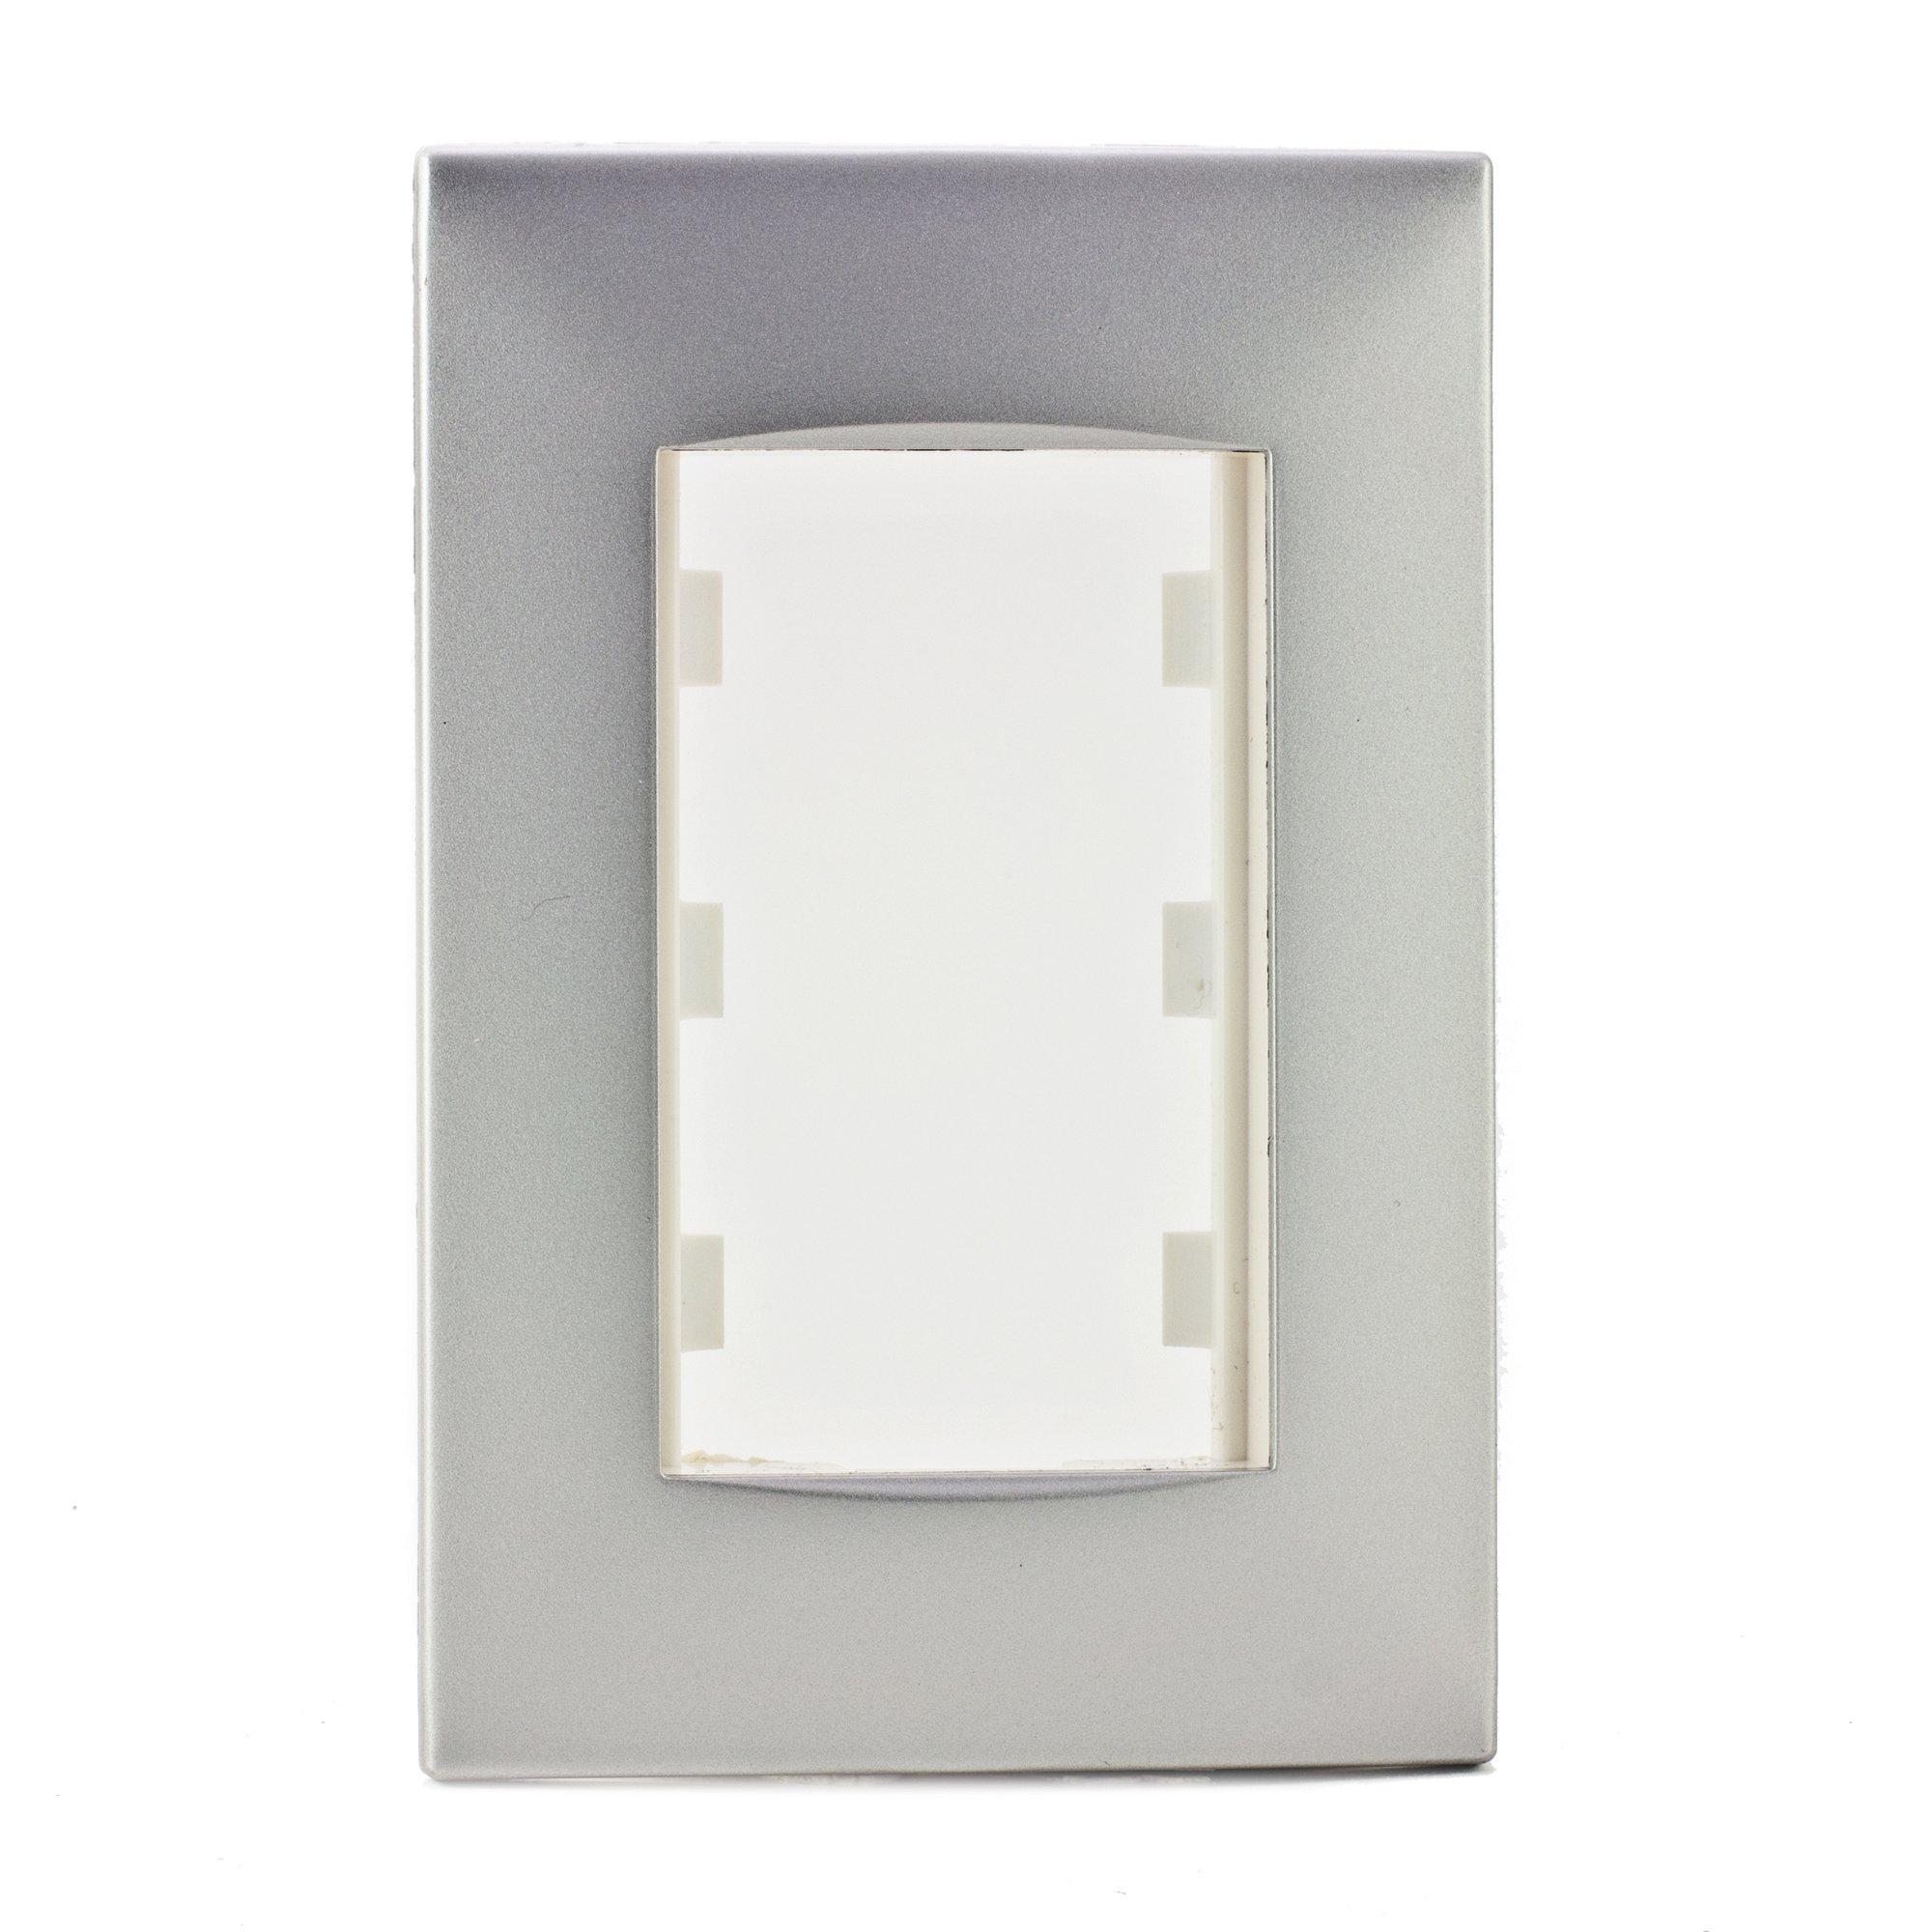 Euroloft Modular Wall Plate, Aluminum